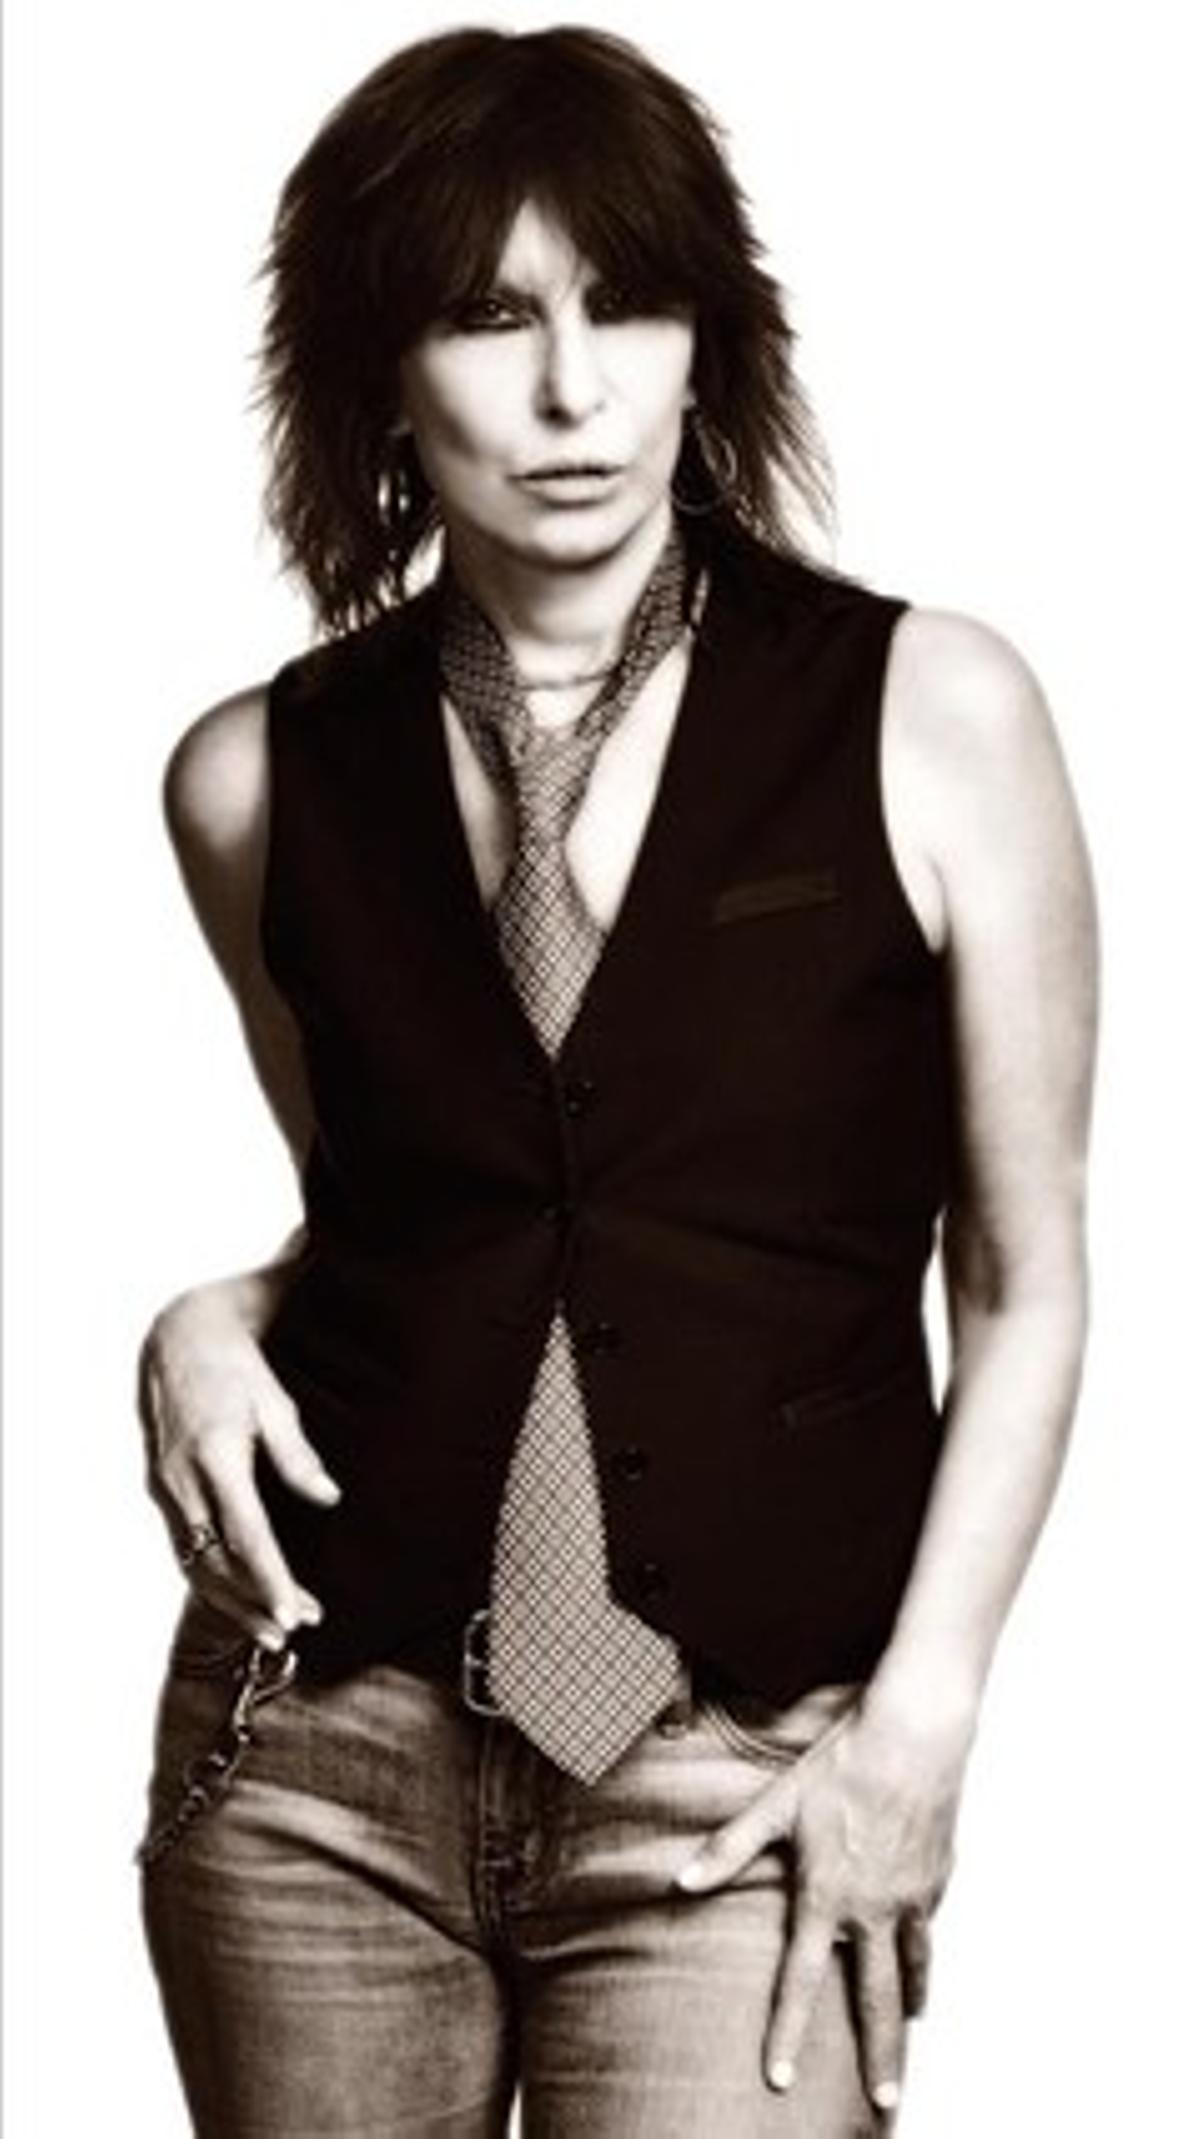 La cantante Chrissie Hynde, líder del grupo The Pretenders.